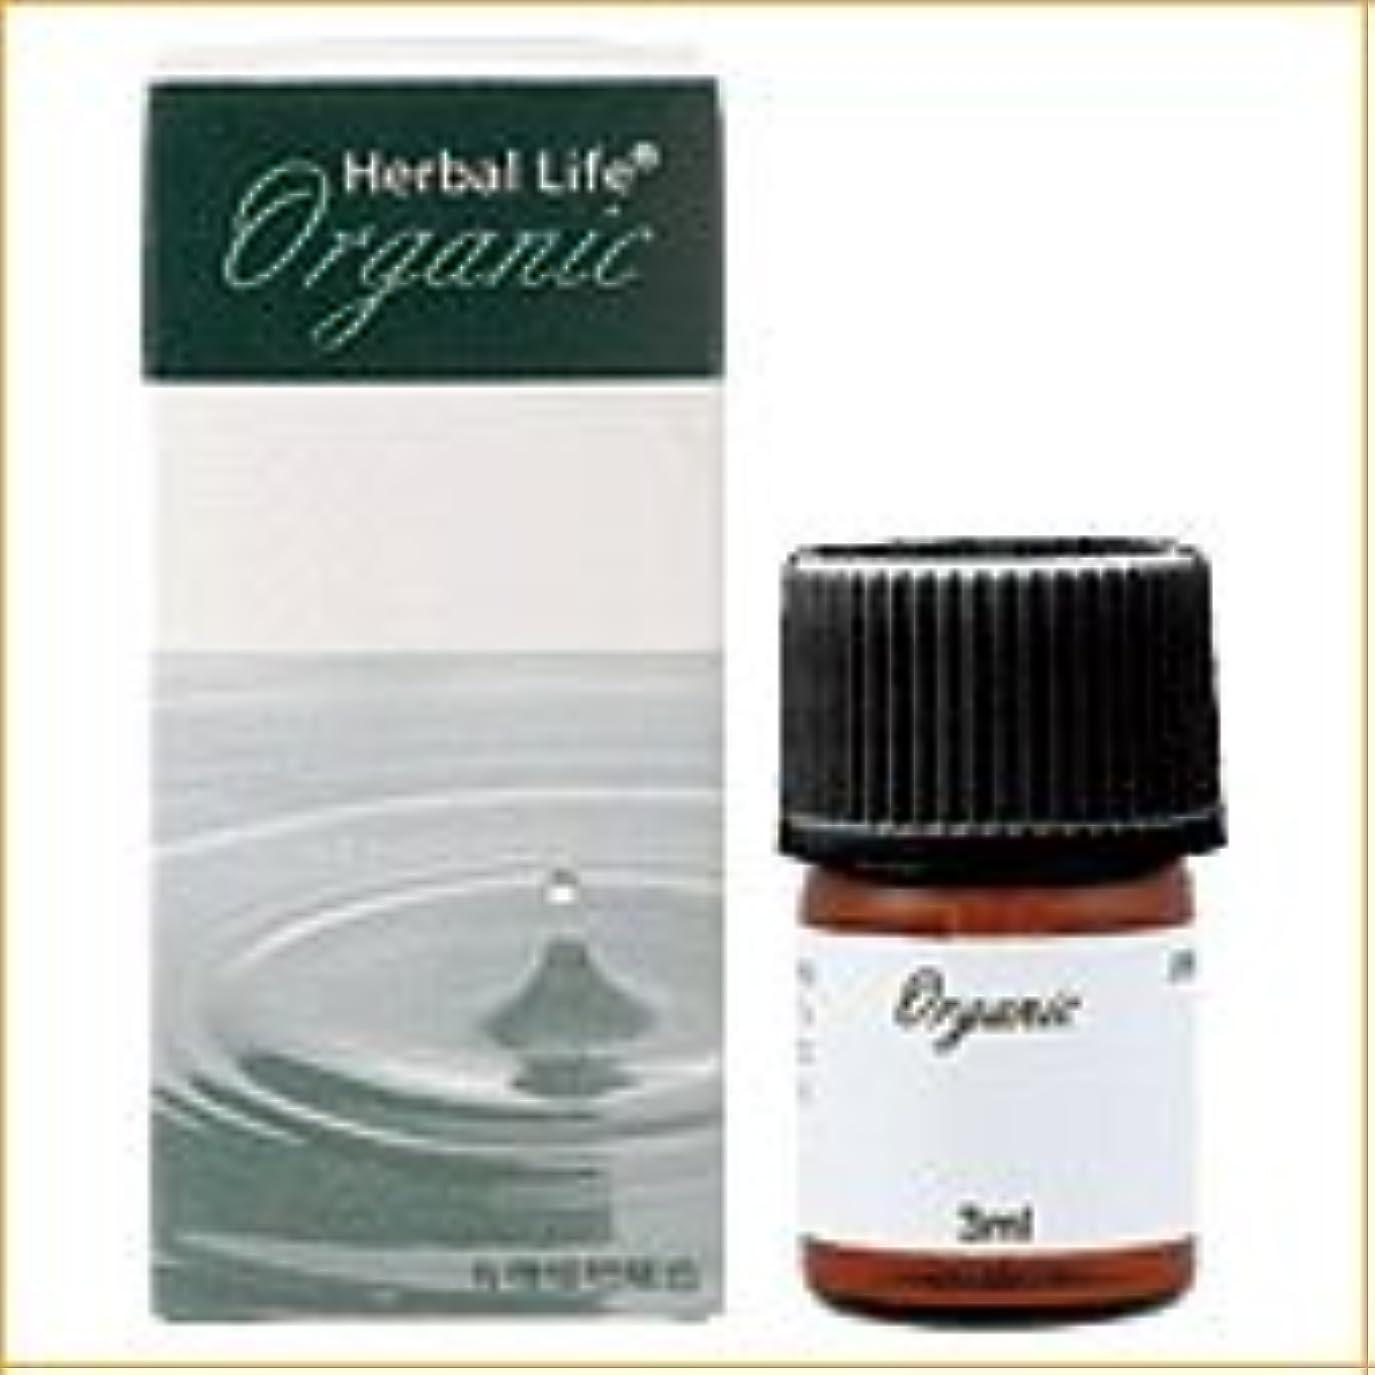 生活の木 オーガニックエッセンシャルオイル ORG ジュニパー 精油 3ml (Tree of Life Organic Essential Oil/オーガニック エッセンシャルオイル)